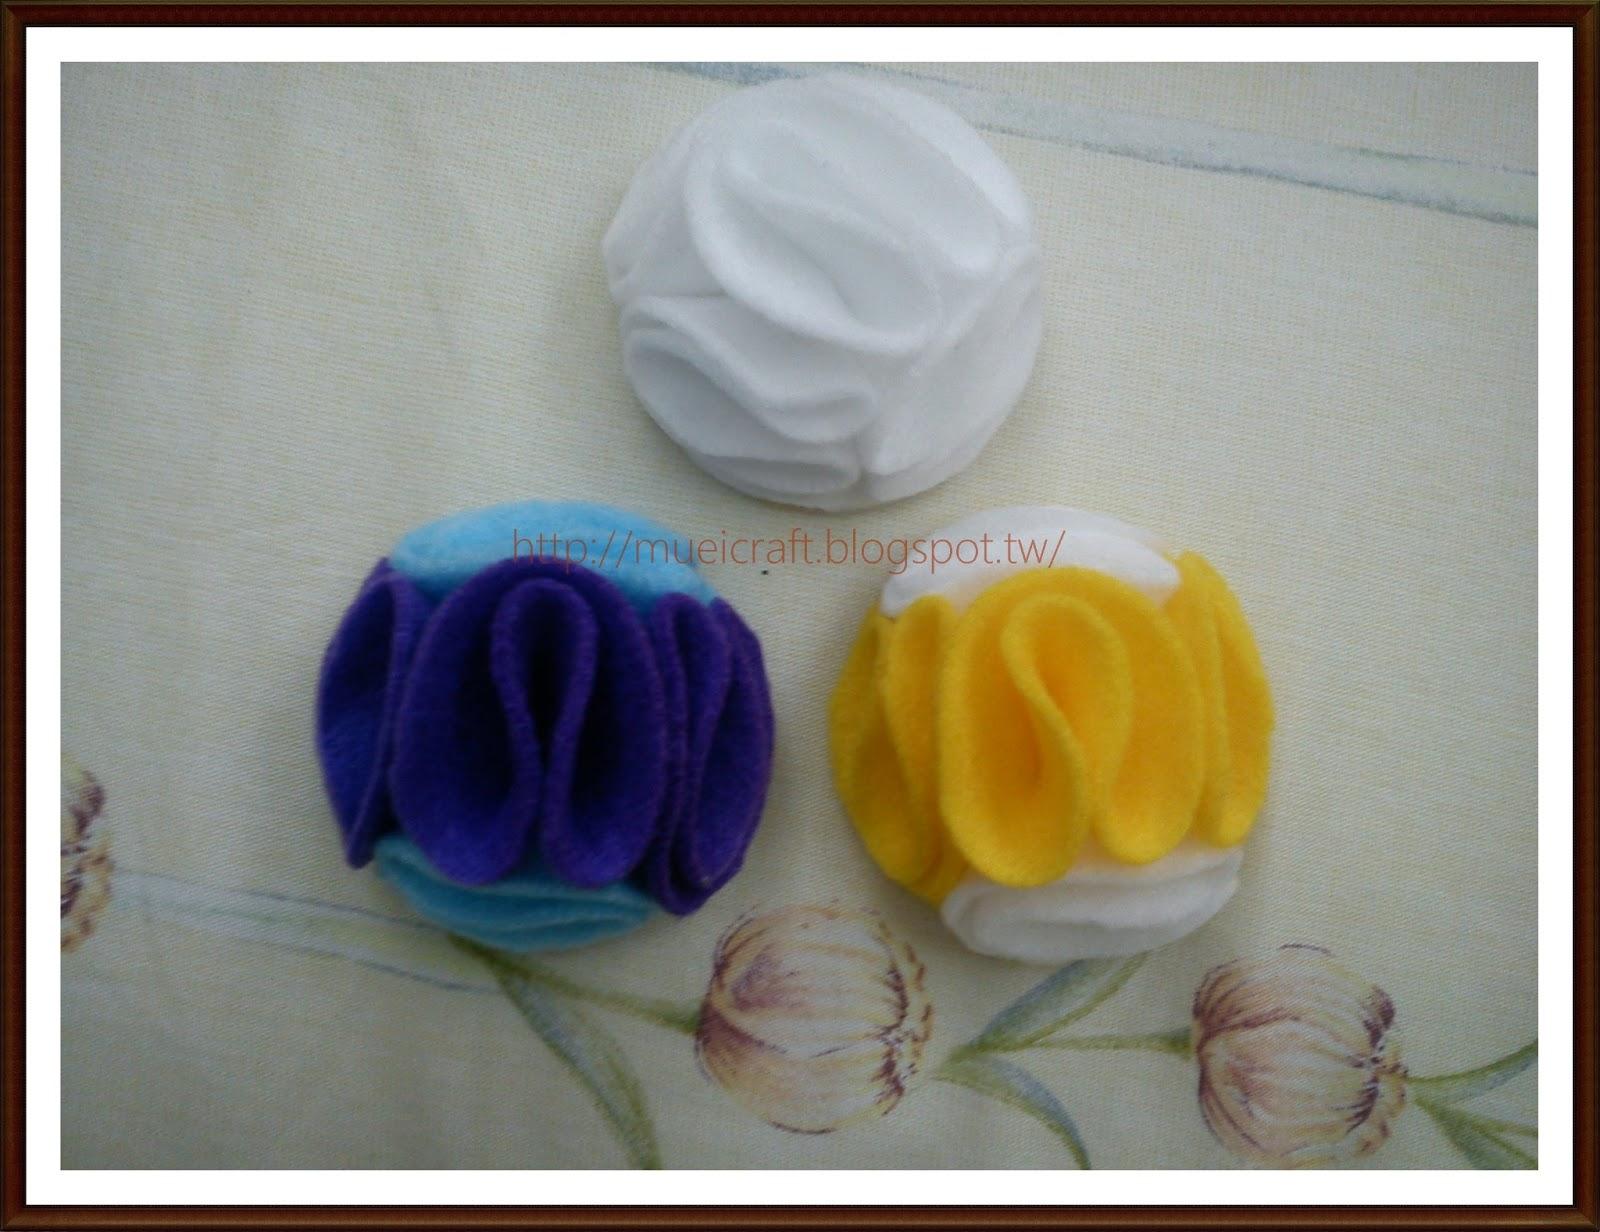 kreasi bross terbaru masih dengan model bunga bunga mengunakan 5 warna